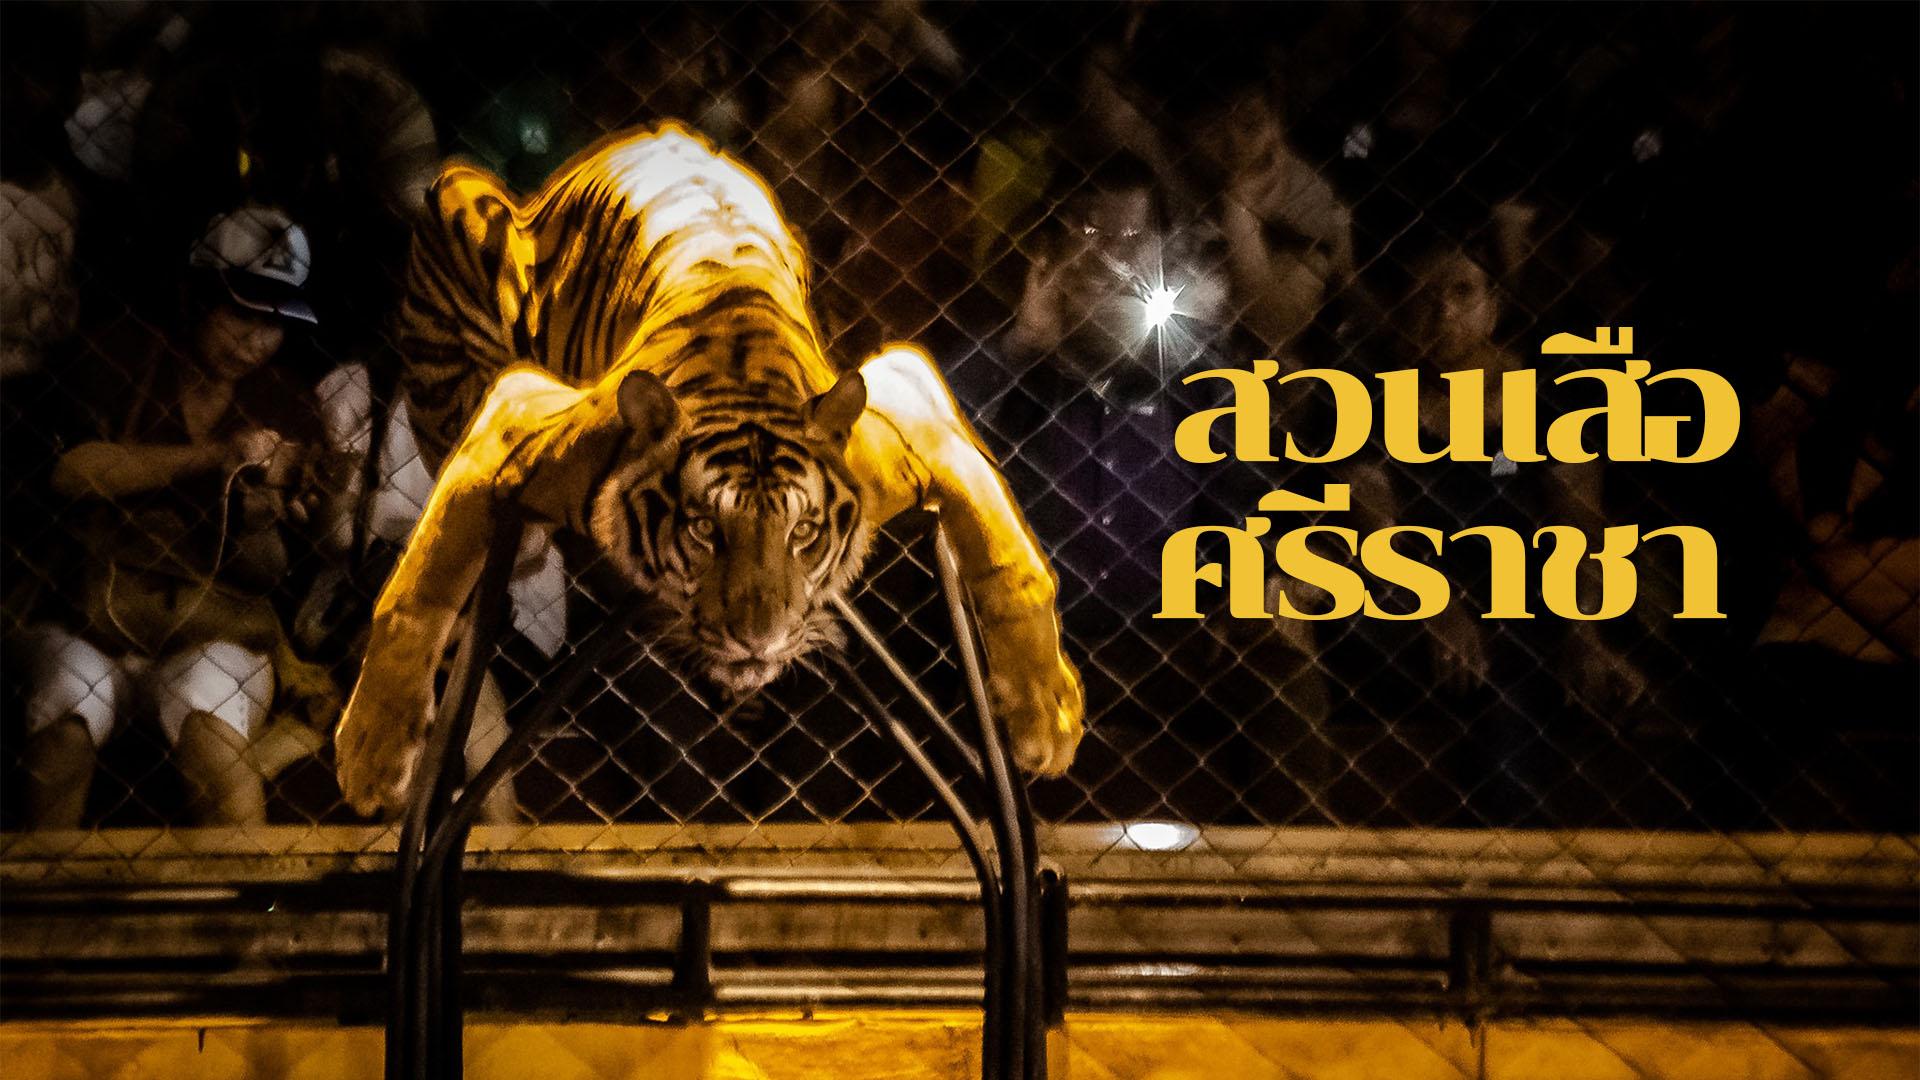 สวนเสือศรีราชา เป็นสถานที่ท่องเที่ยวที่น่าสนใจอีกแห่งของจังหวัดชลบุรี เพราะถึงแม้ว่า จะชื่อสวนเสือศรีราชา แต่ความจริงแล้วไม่ได้มีแค่เสือ แต่ยังมีจระเข้ และสัตว์อื่น ๆ อีกมากมายหลายชนิดเหมือนสวนสัตว์ทั่วไป